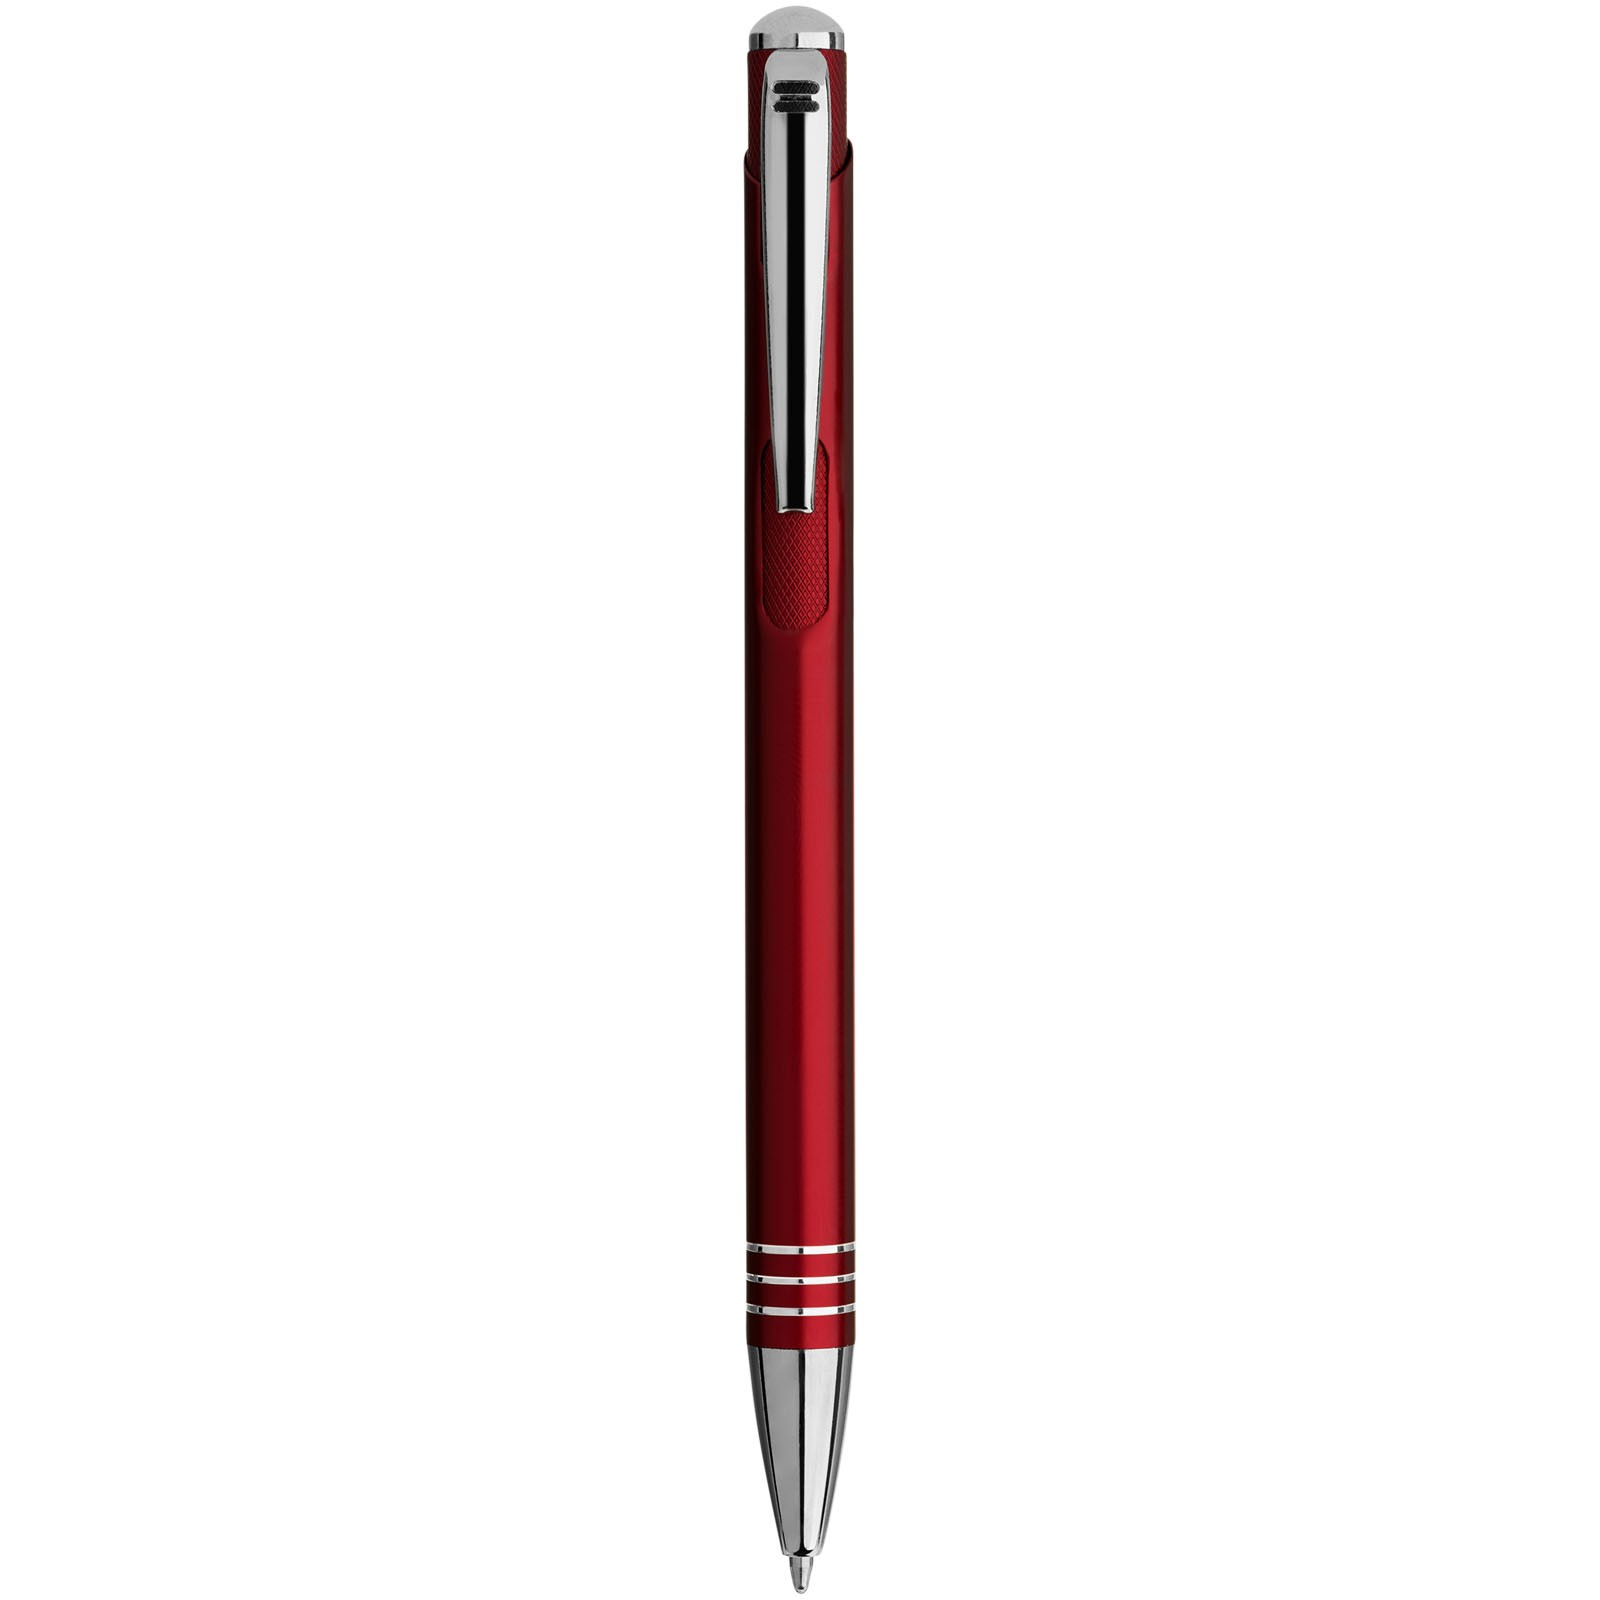 Kuličkové pero Izmir s vroubkovaným tlačítkem - Červená s efektem námrazy